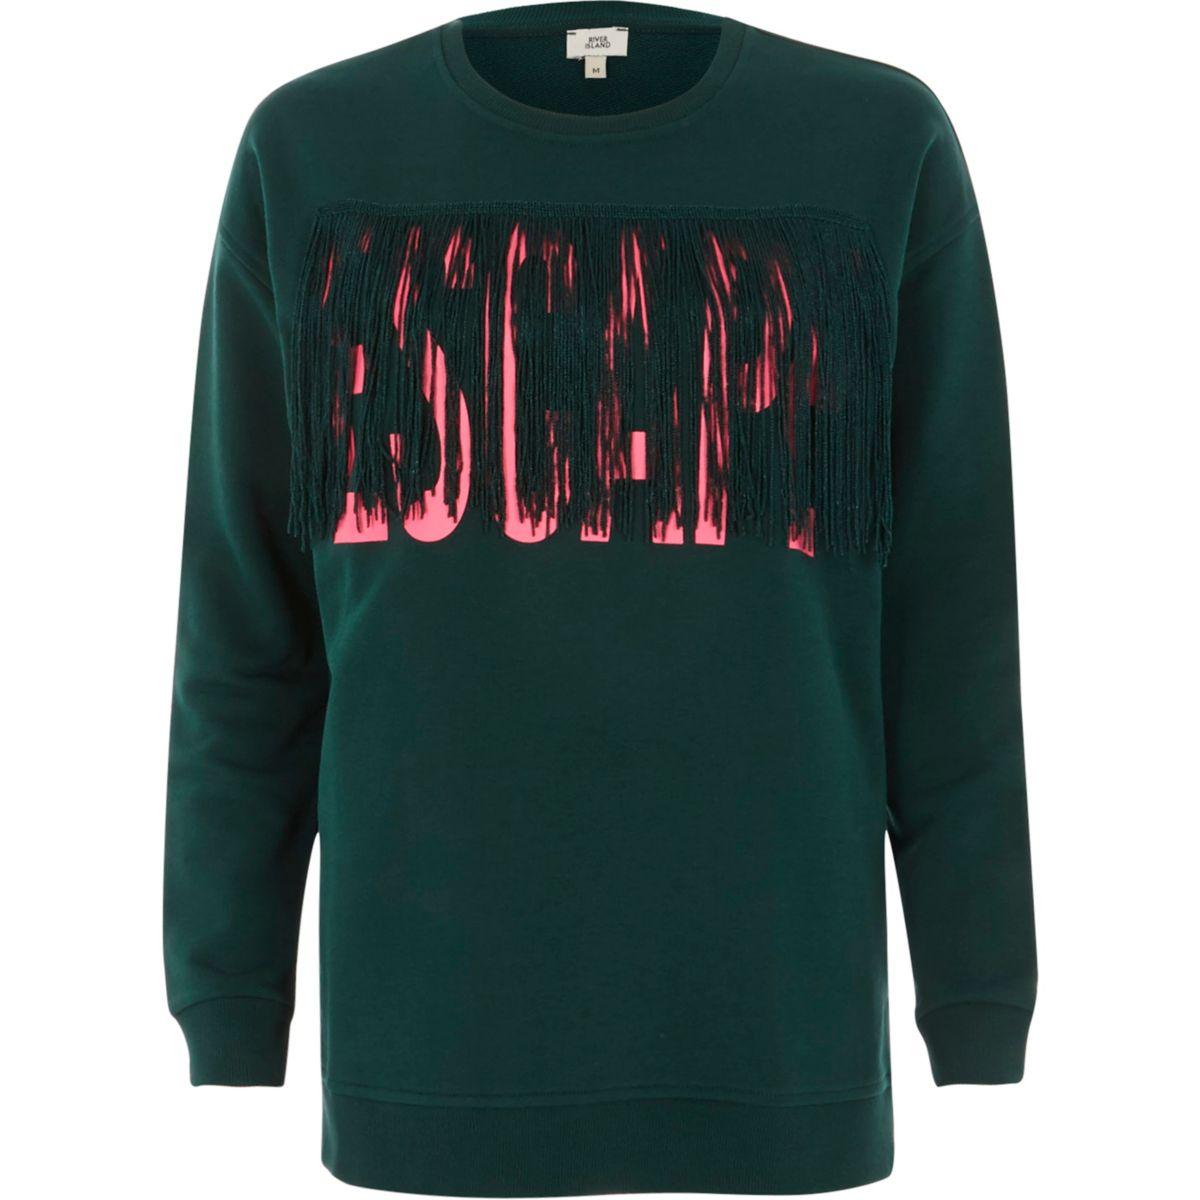 Green 'escape' tassel sweatshirt